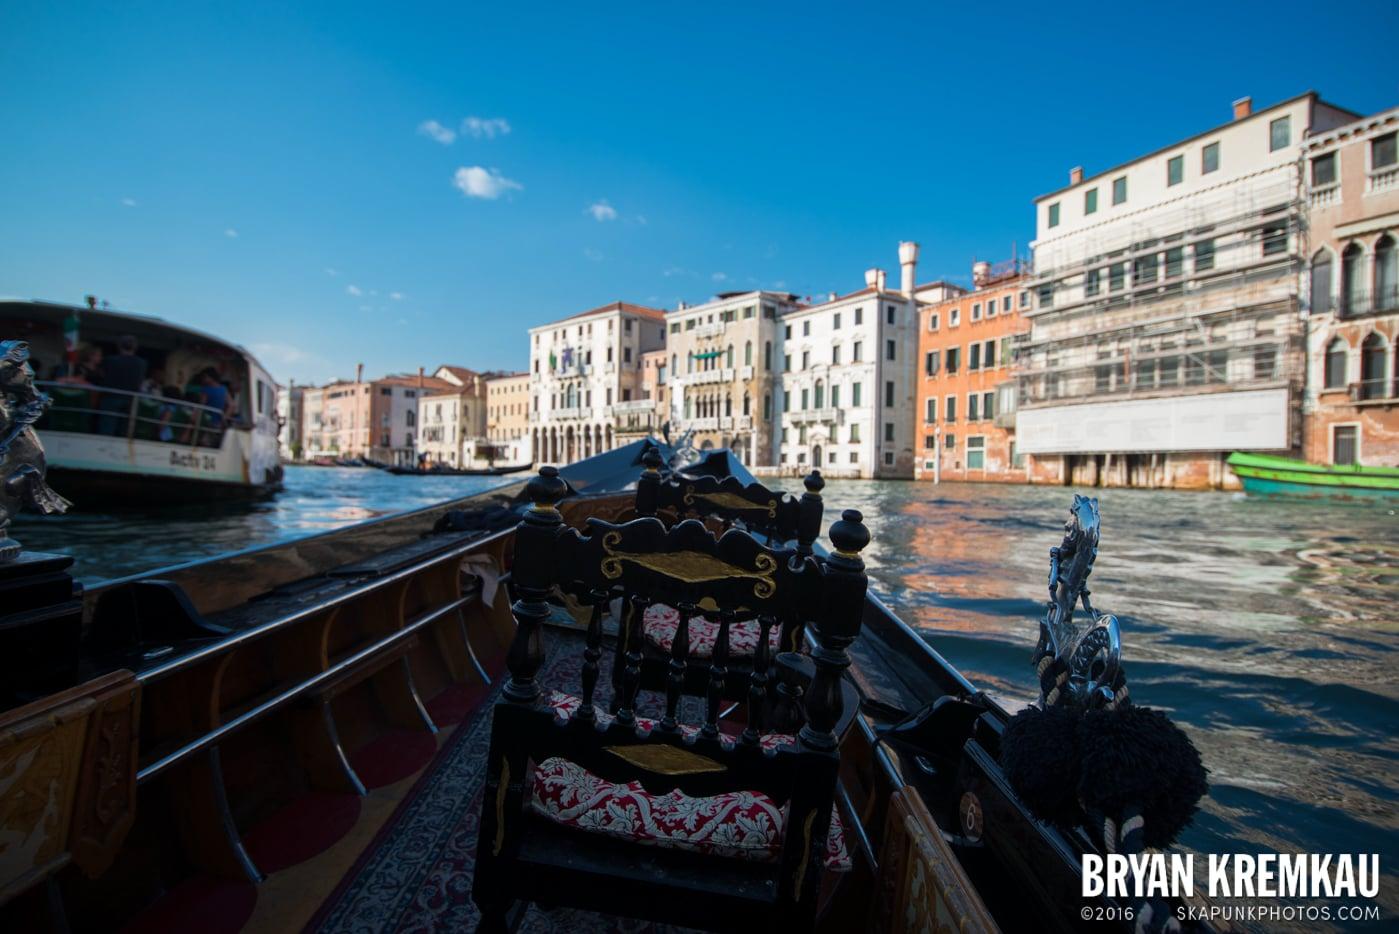 Italy Vacation - Day 5: Venice - 9.13.13 (27)